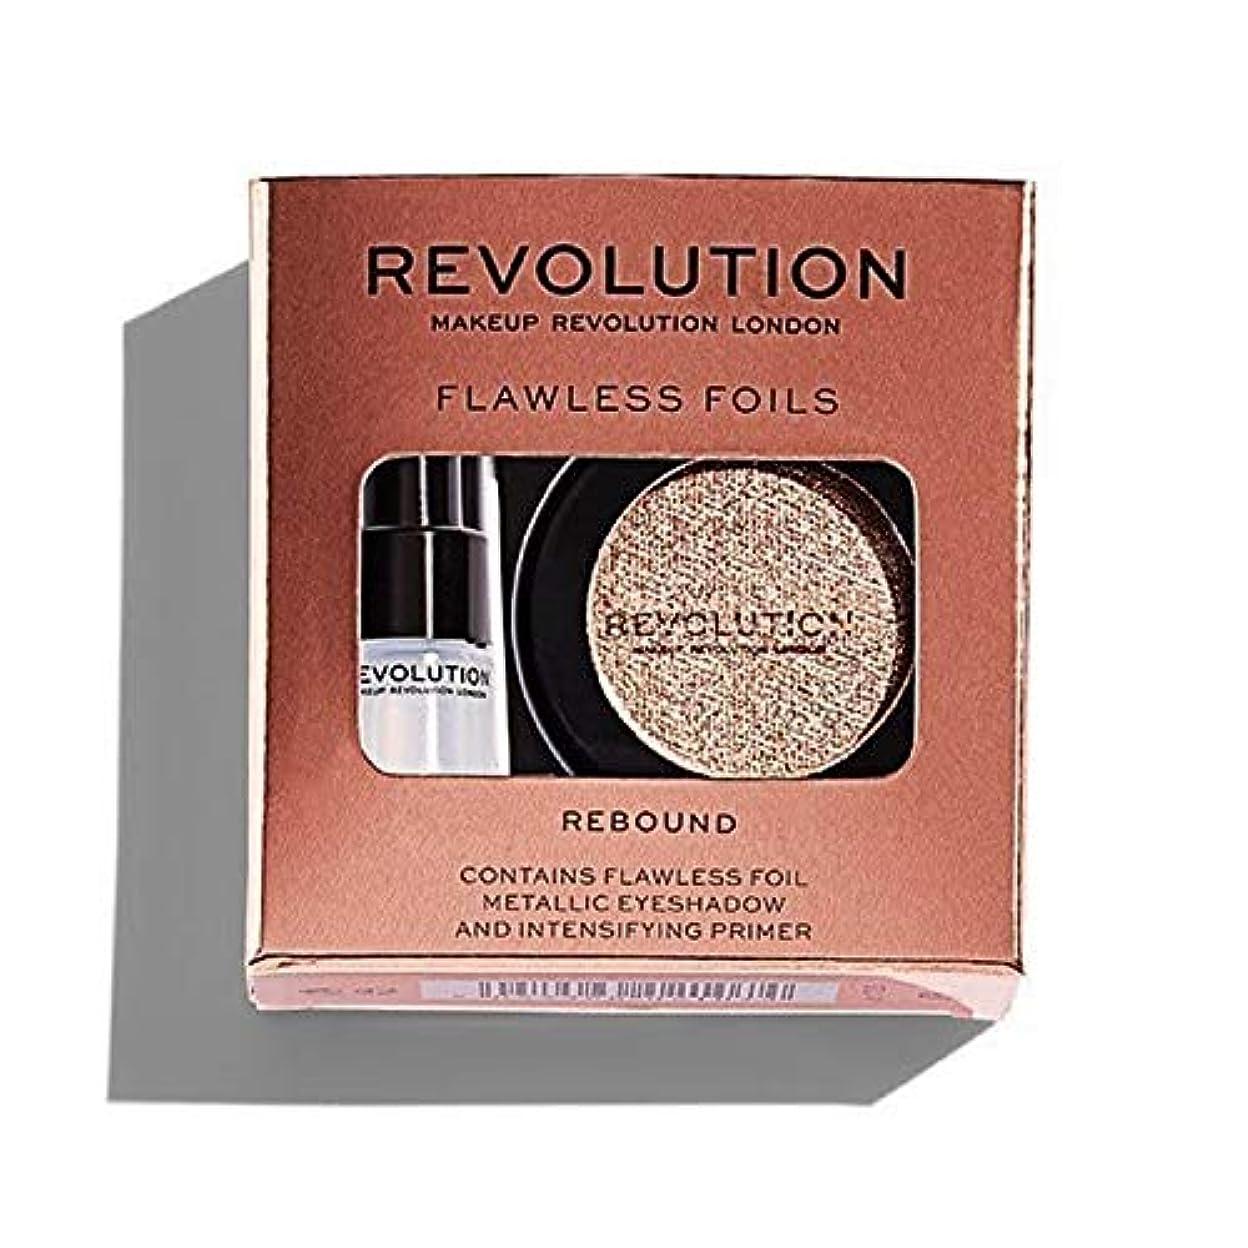 効果的ペレグリネーション日記[Revolution ] 革命完璧な箔のリバウンド - Revolution Flawless Foils Rebound [並行輸入品]